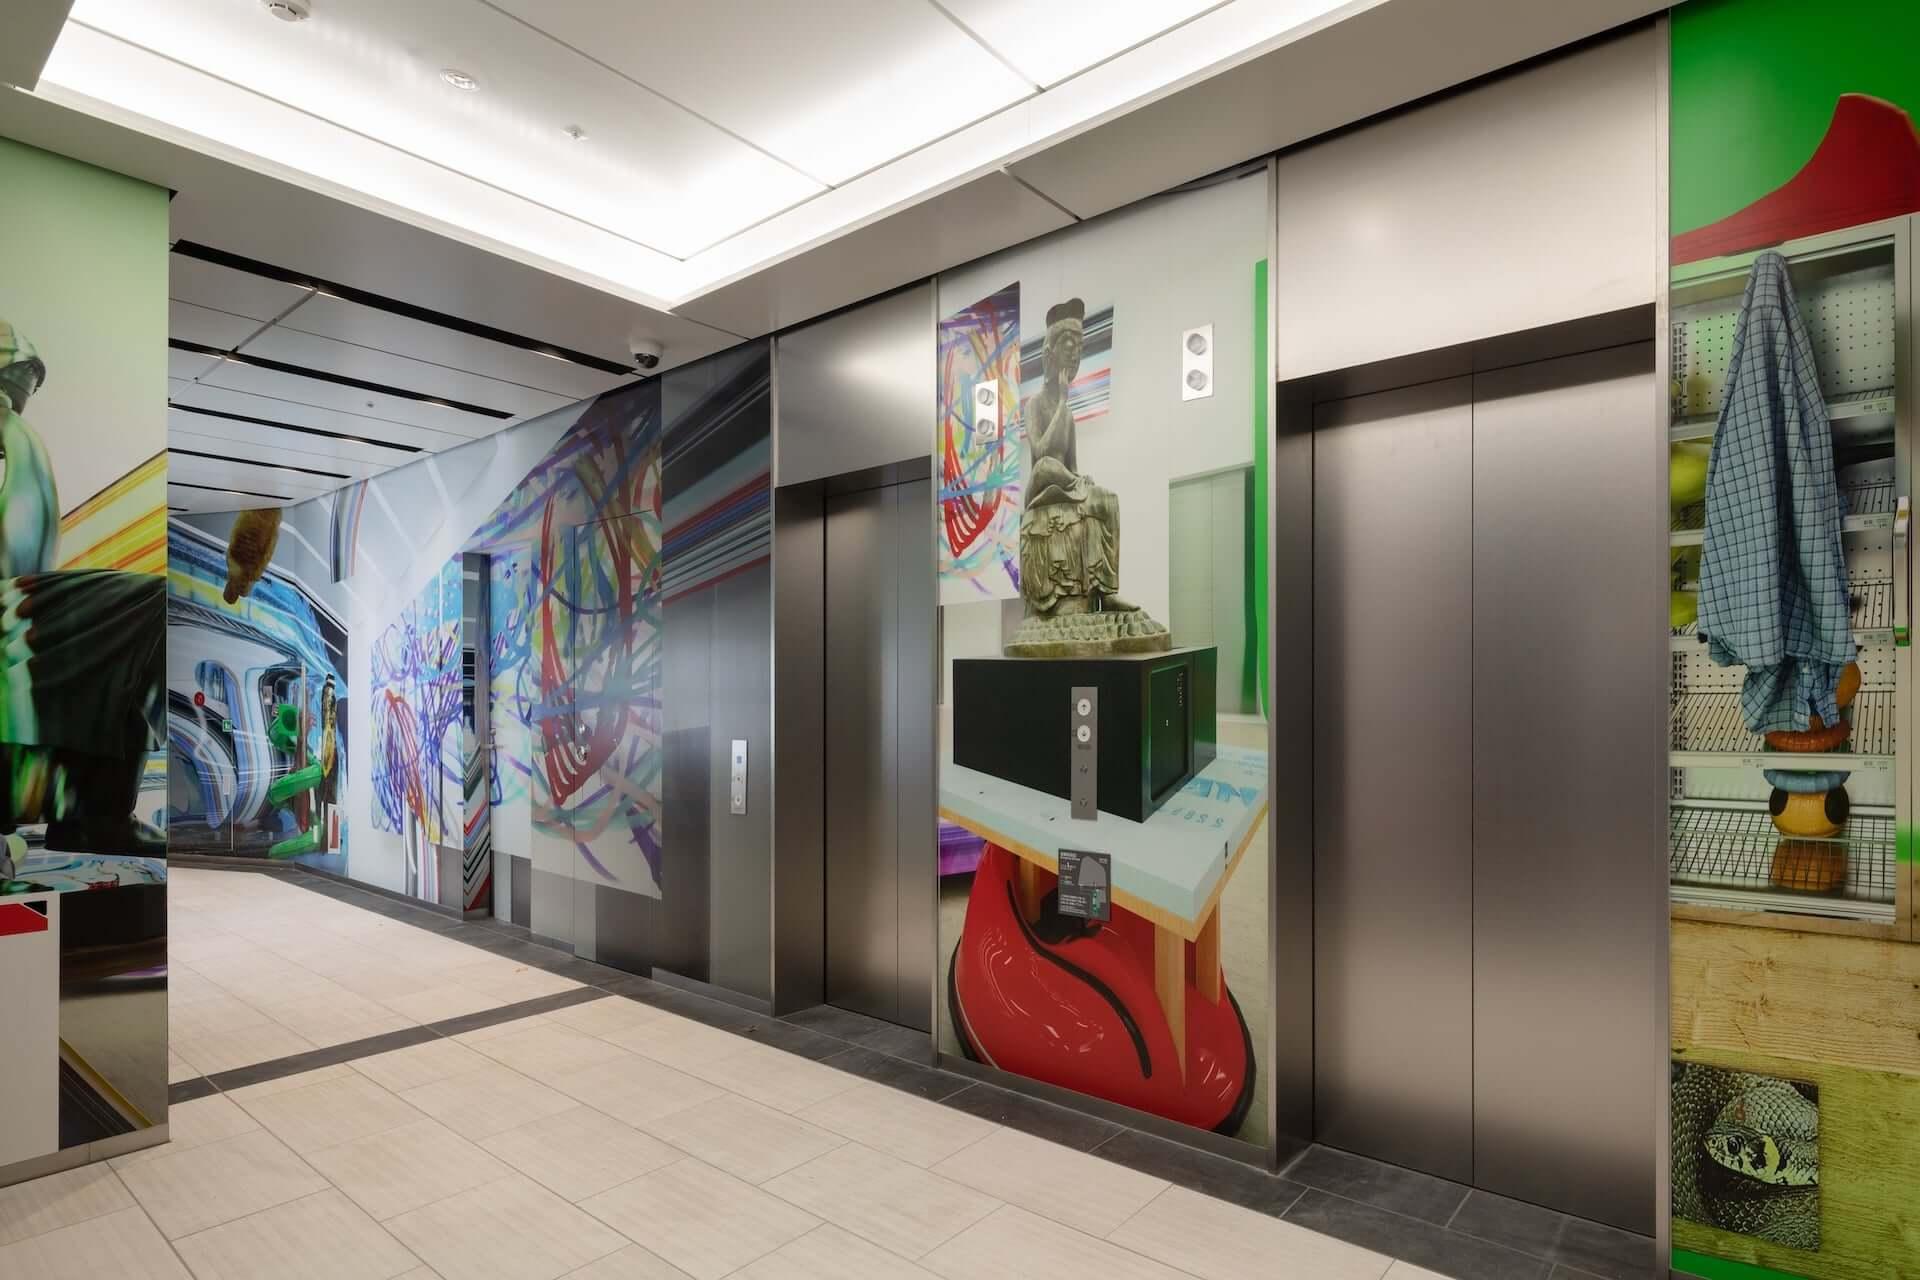 渋谷未来デザインによるアートプロジェクト<新しい実存 – New Existentialism>が始動!小林健太、平田尚也、やんツーが参加 art210319_newexistentialism_5-1920x1280